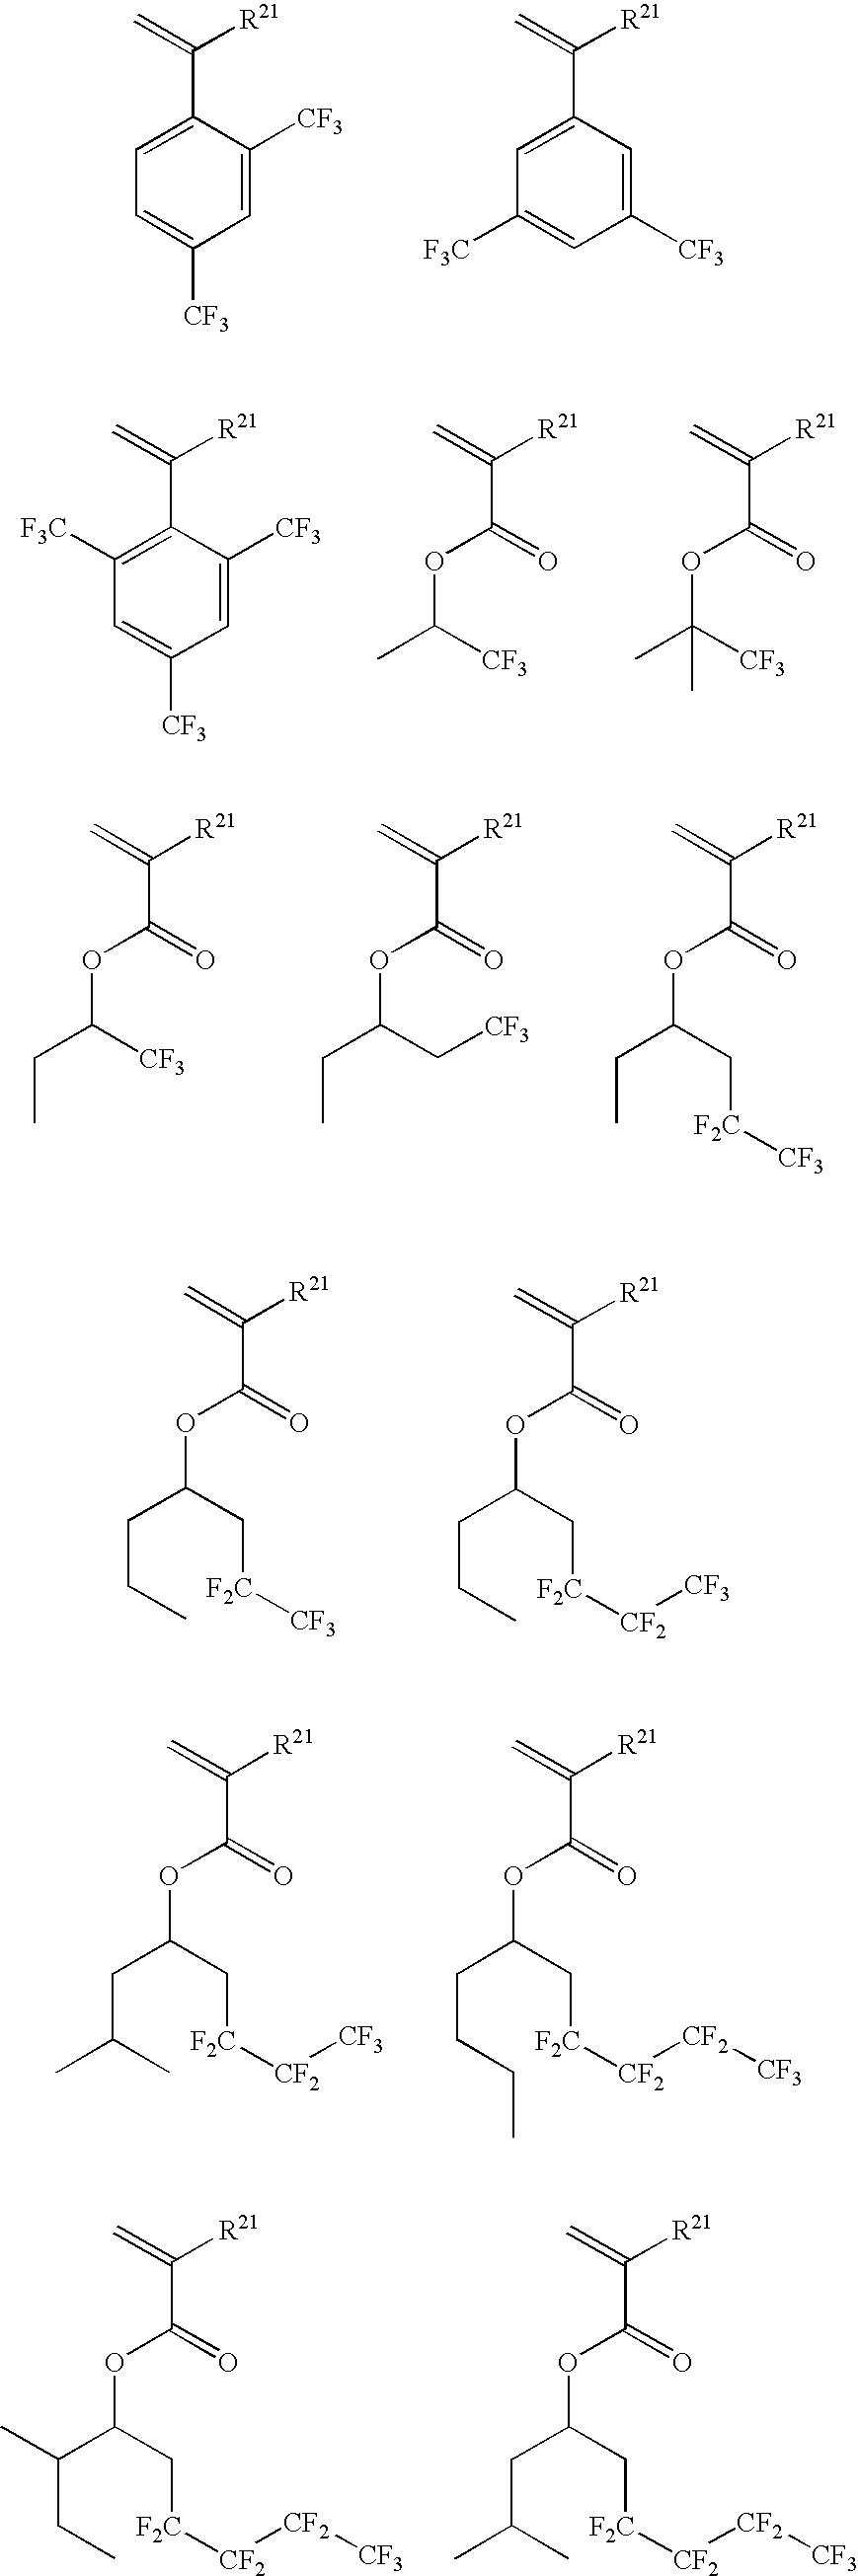 Figure US20100178617A1-20100715-C00066